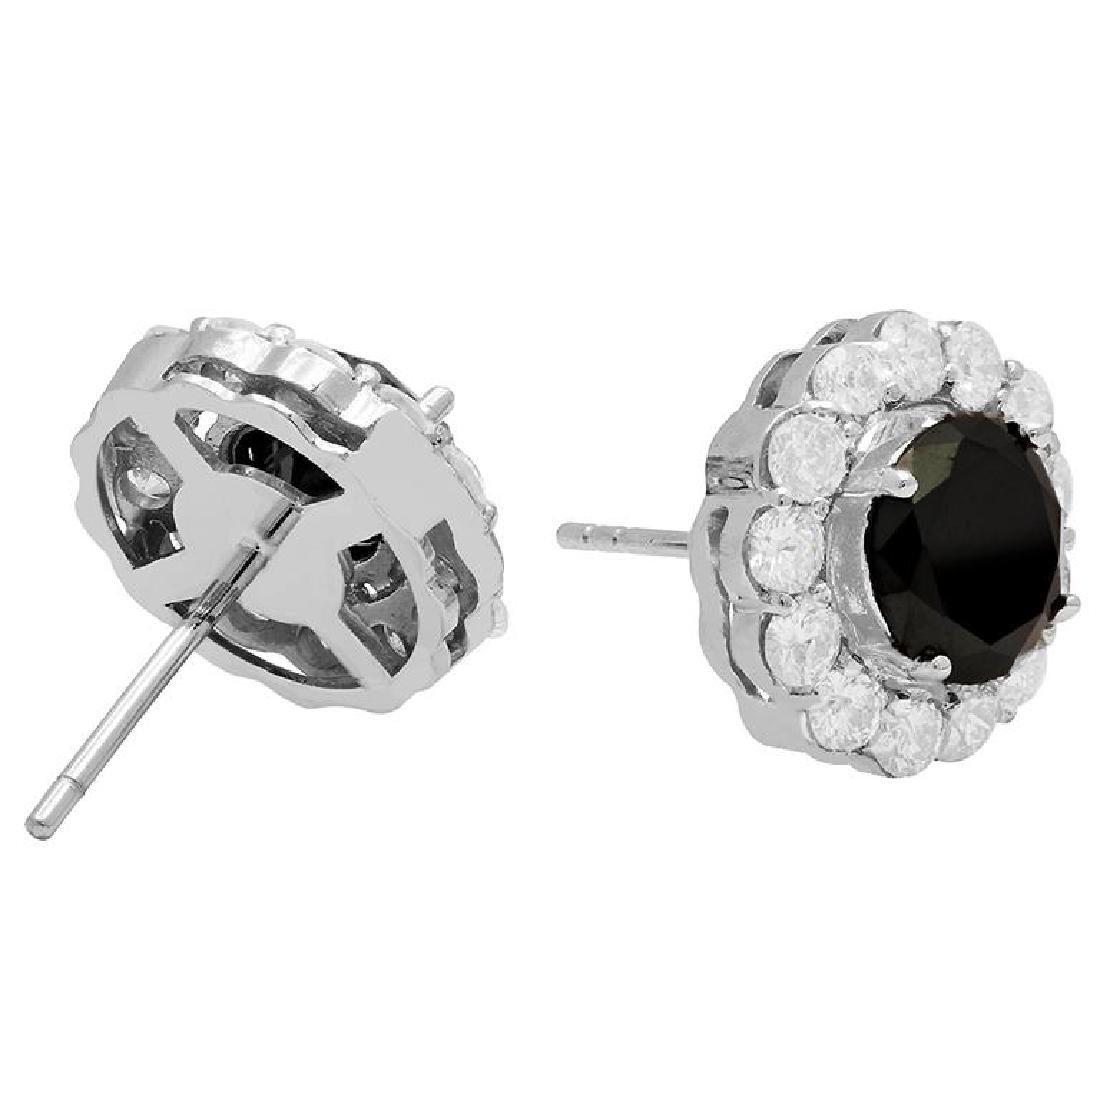 14k White Gold 2.65ct & 1.78ct Diamond Earrings - 2